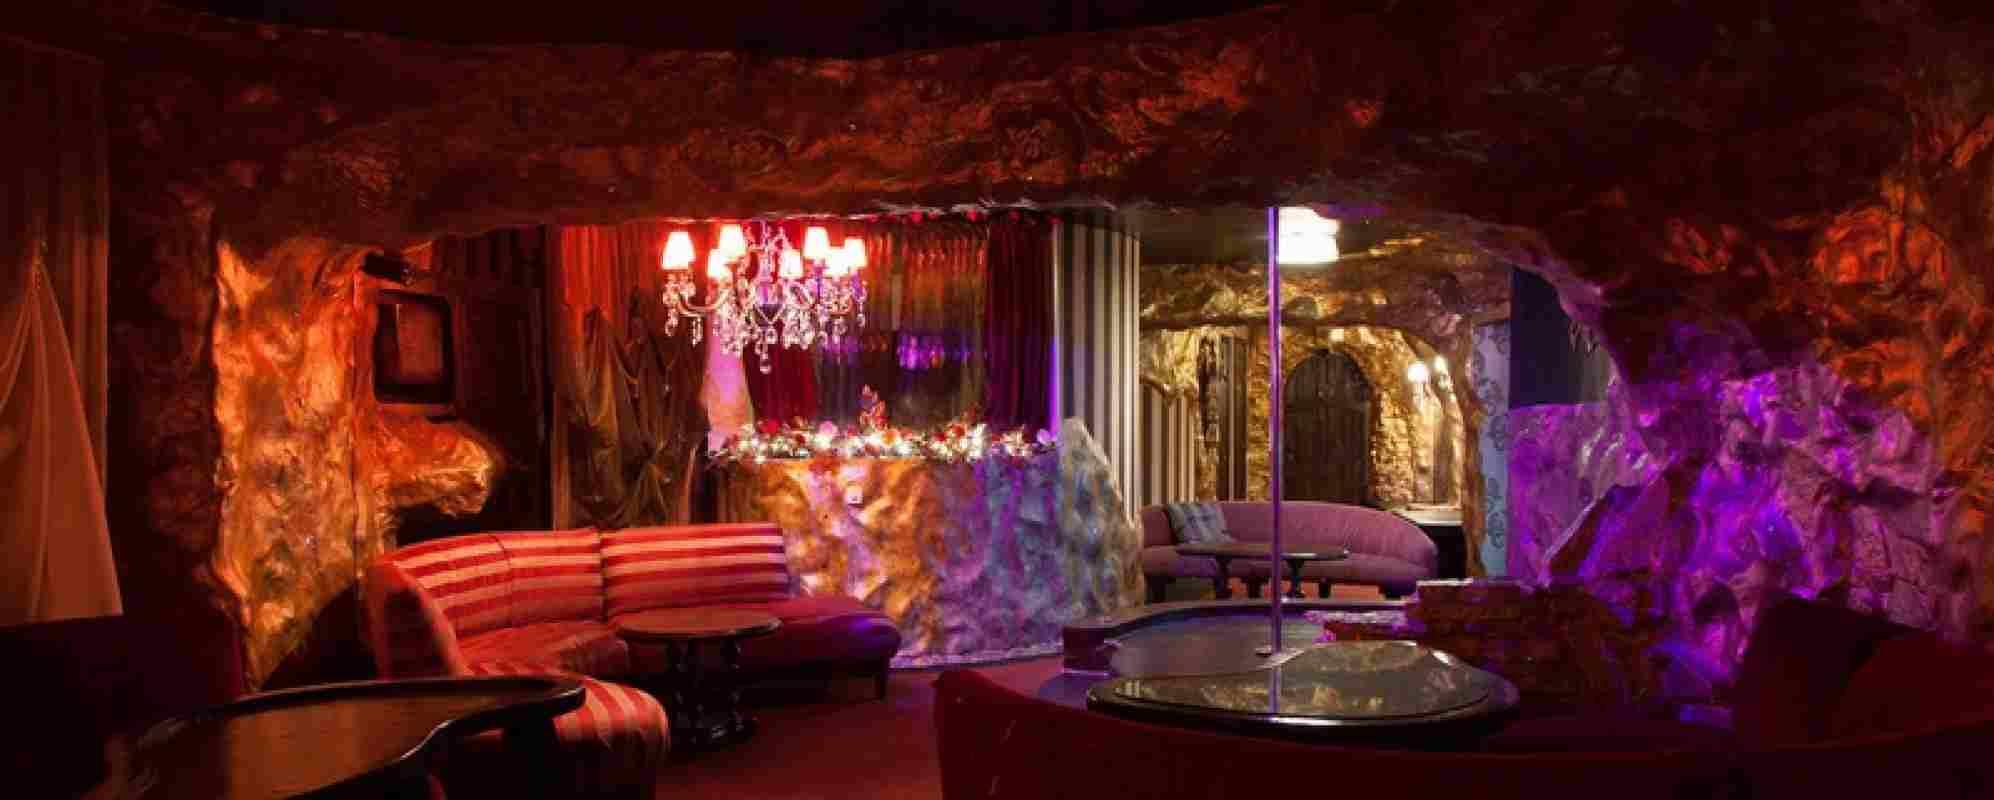 Черный лед стриптиз клуб вакансии уборщицы в ночных клубах москвы